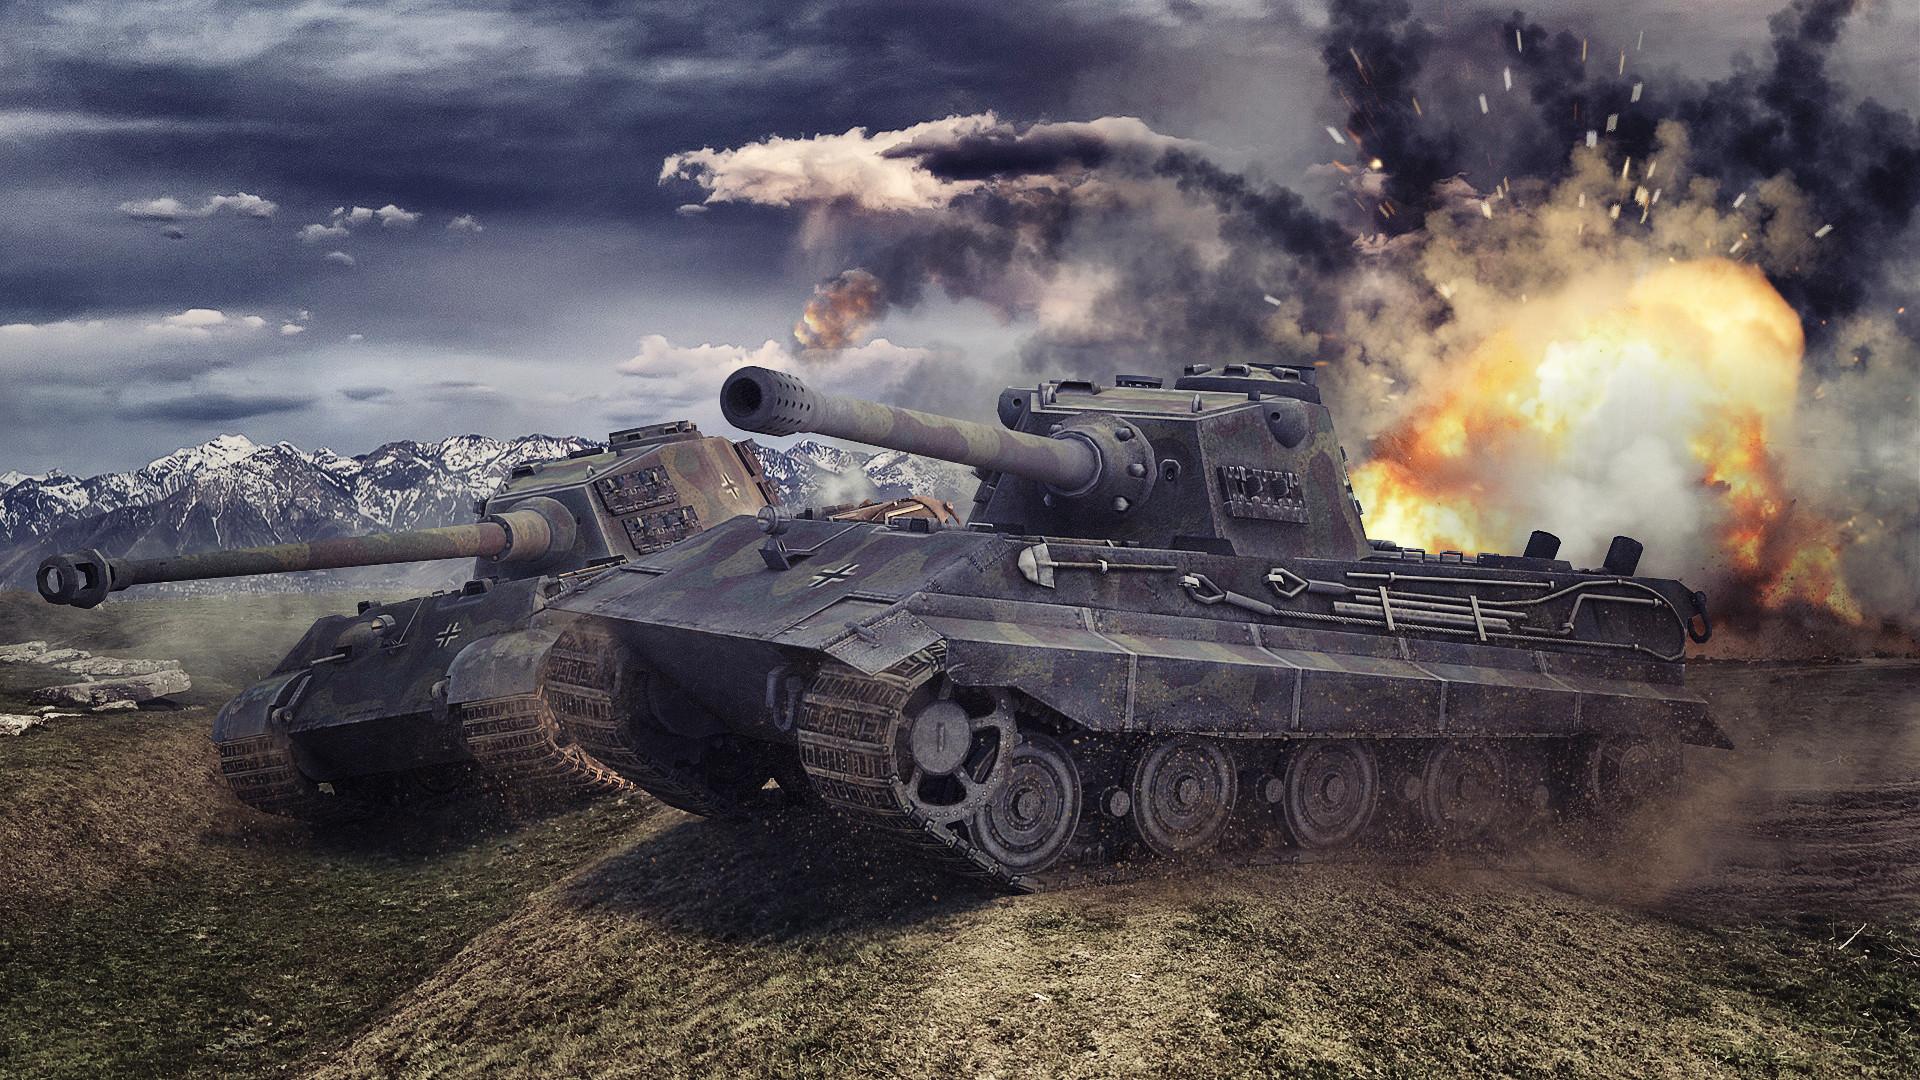 World Of Tanks Tanks Tiger Ii Wallpaper Hd Wallpaper - World Of Tanks Wallpaper German - HD Wallpaper